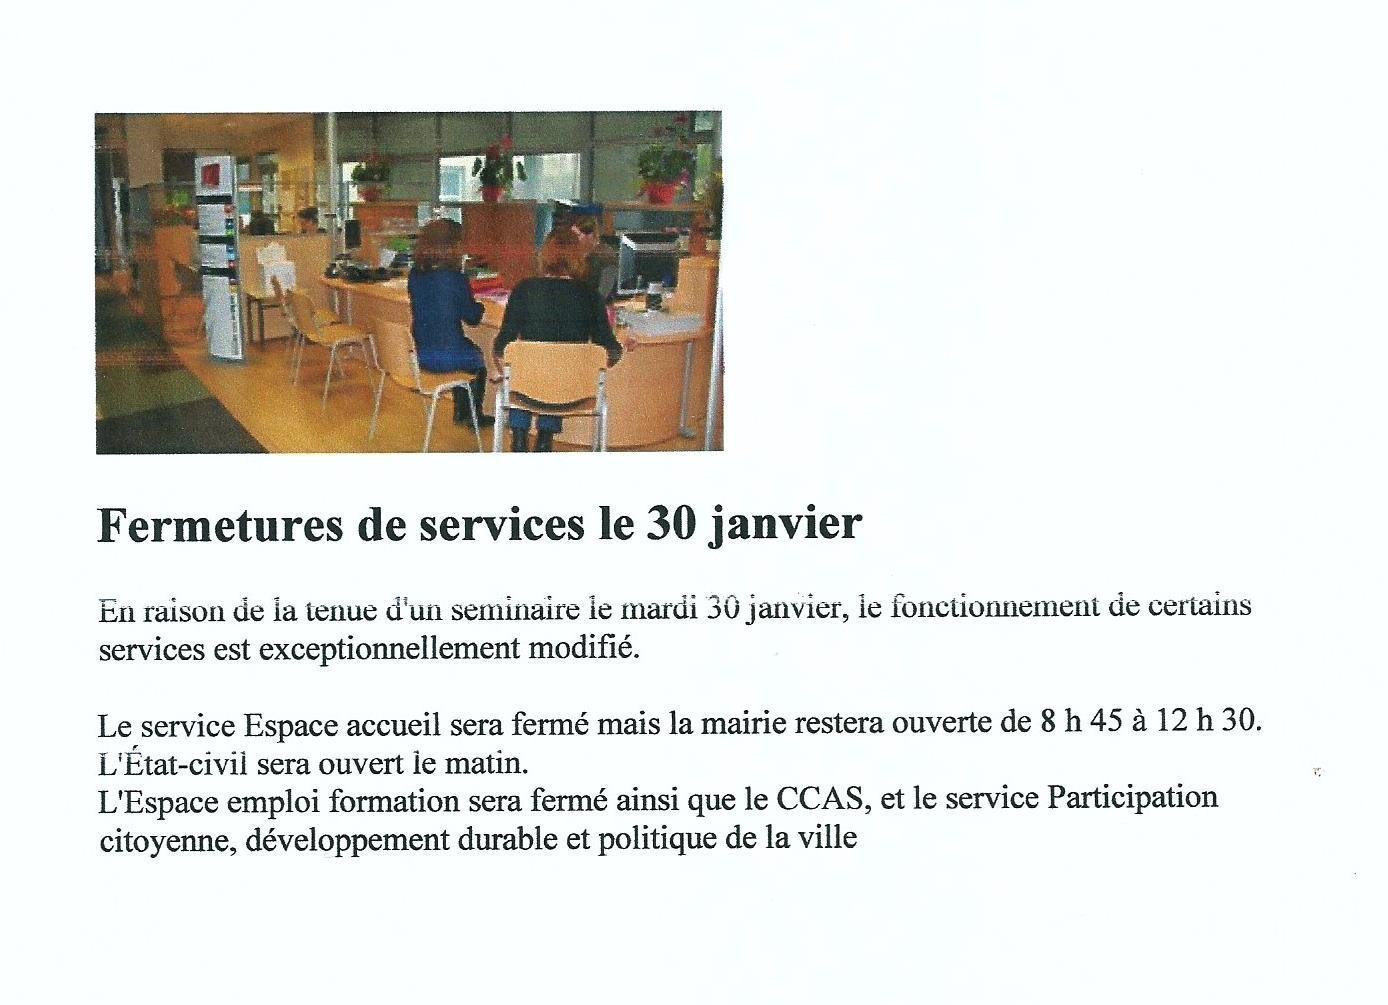 Scan Fermeture des Services le 30.01.2018.jpg